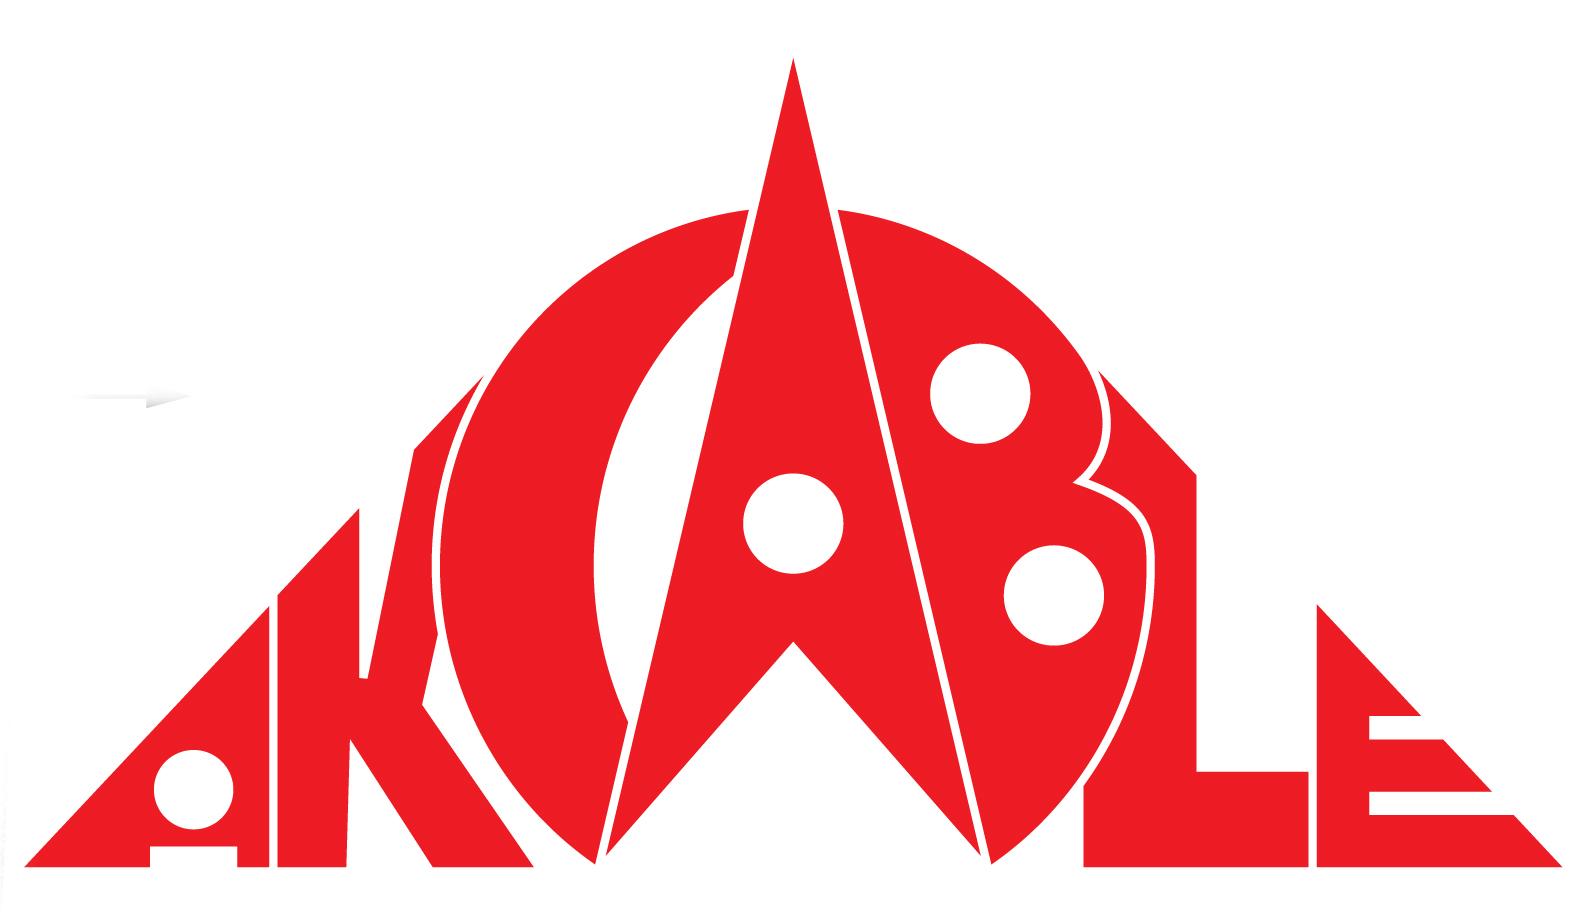 Kemal Ak Automotive Trade Co Ltd. logo